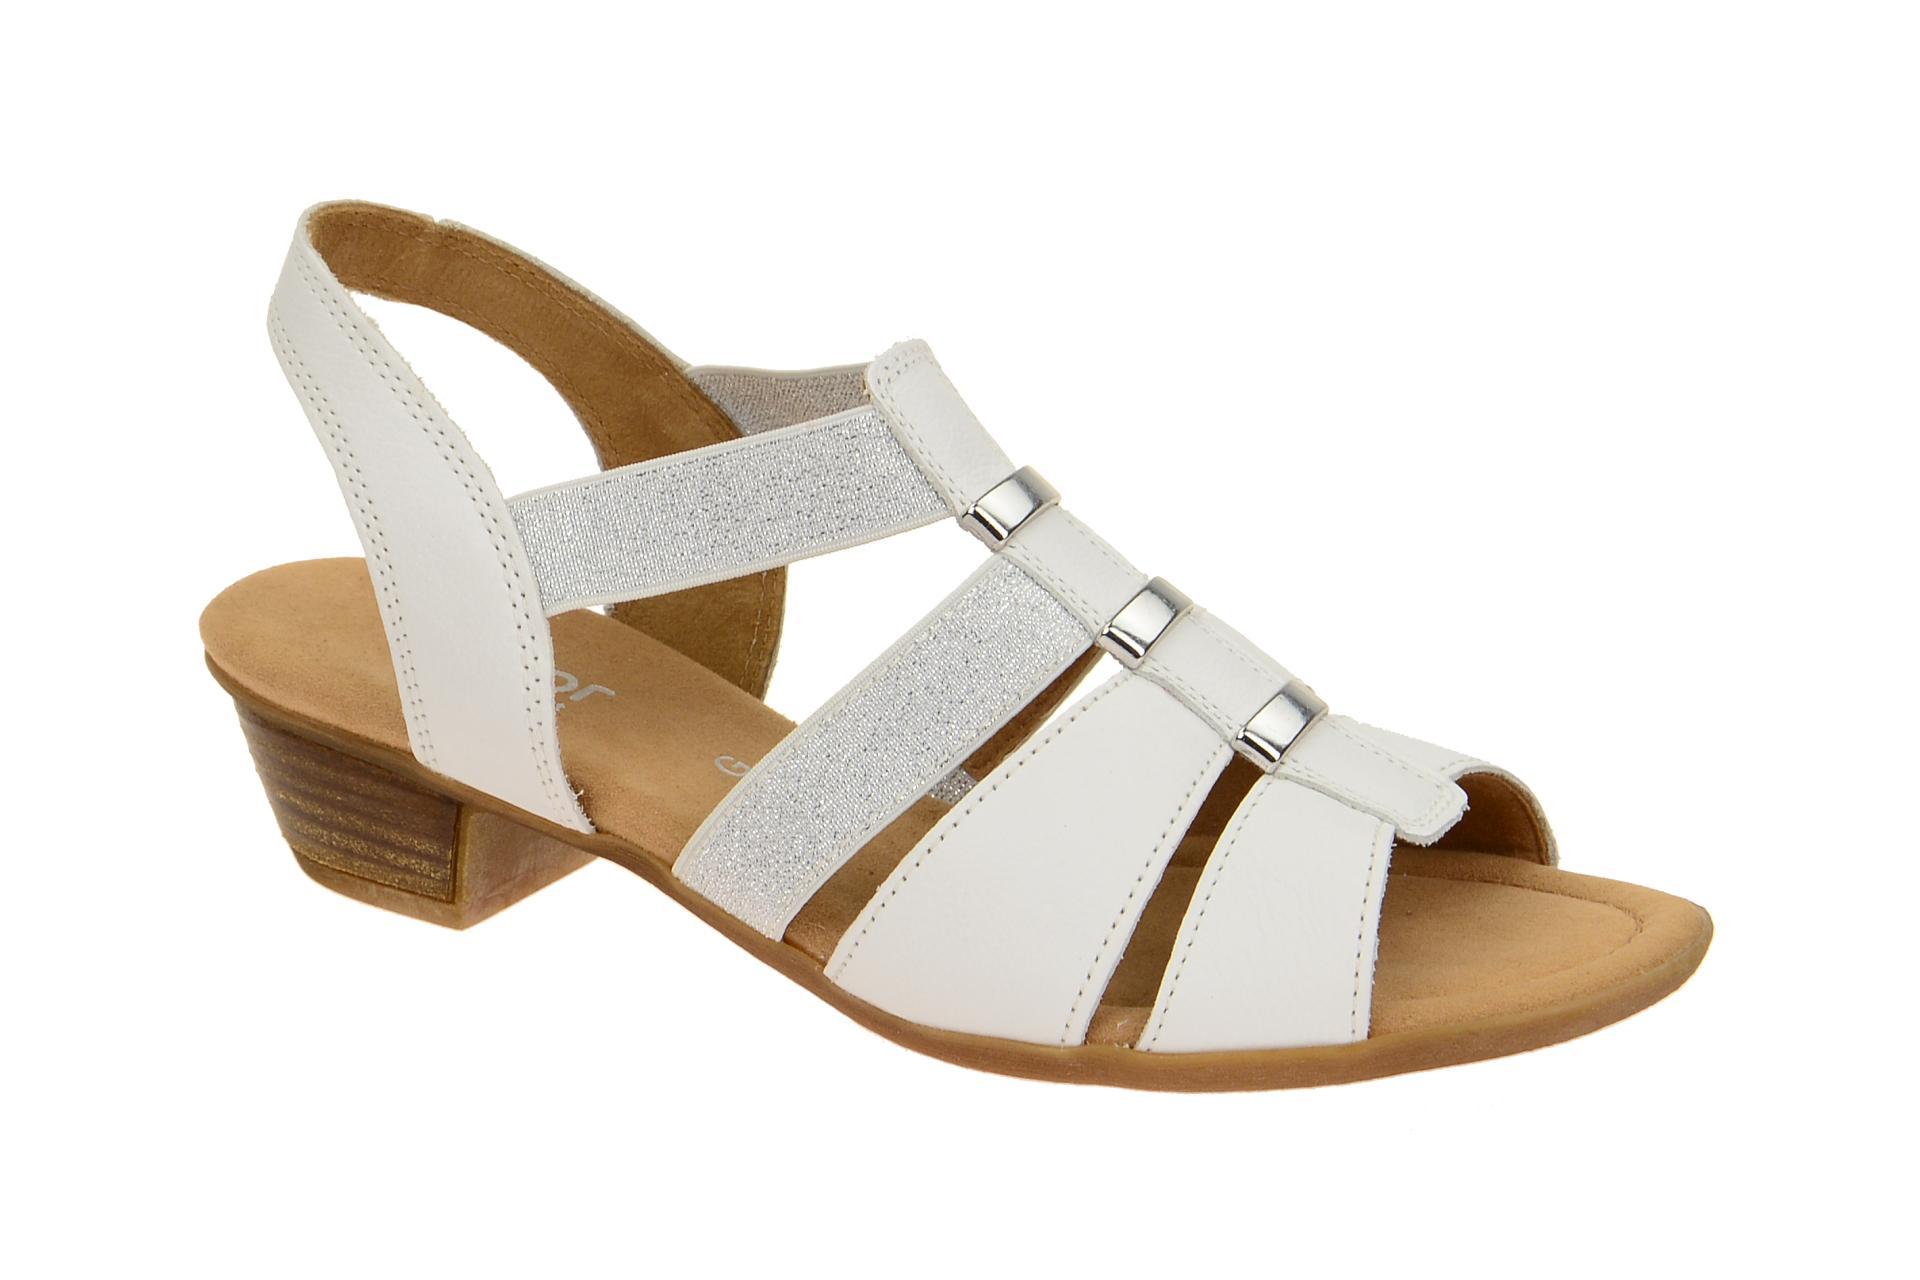 Details Sandalette 472 Gabor Weiß 22 Zu 50 Neu Kreta Damen Riemchen Schuhe Sandalen BoerCQdxW